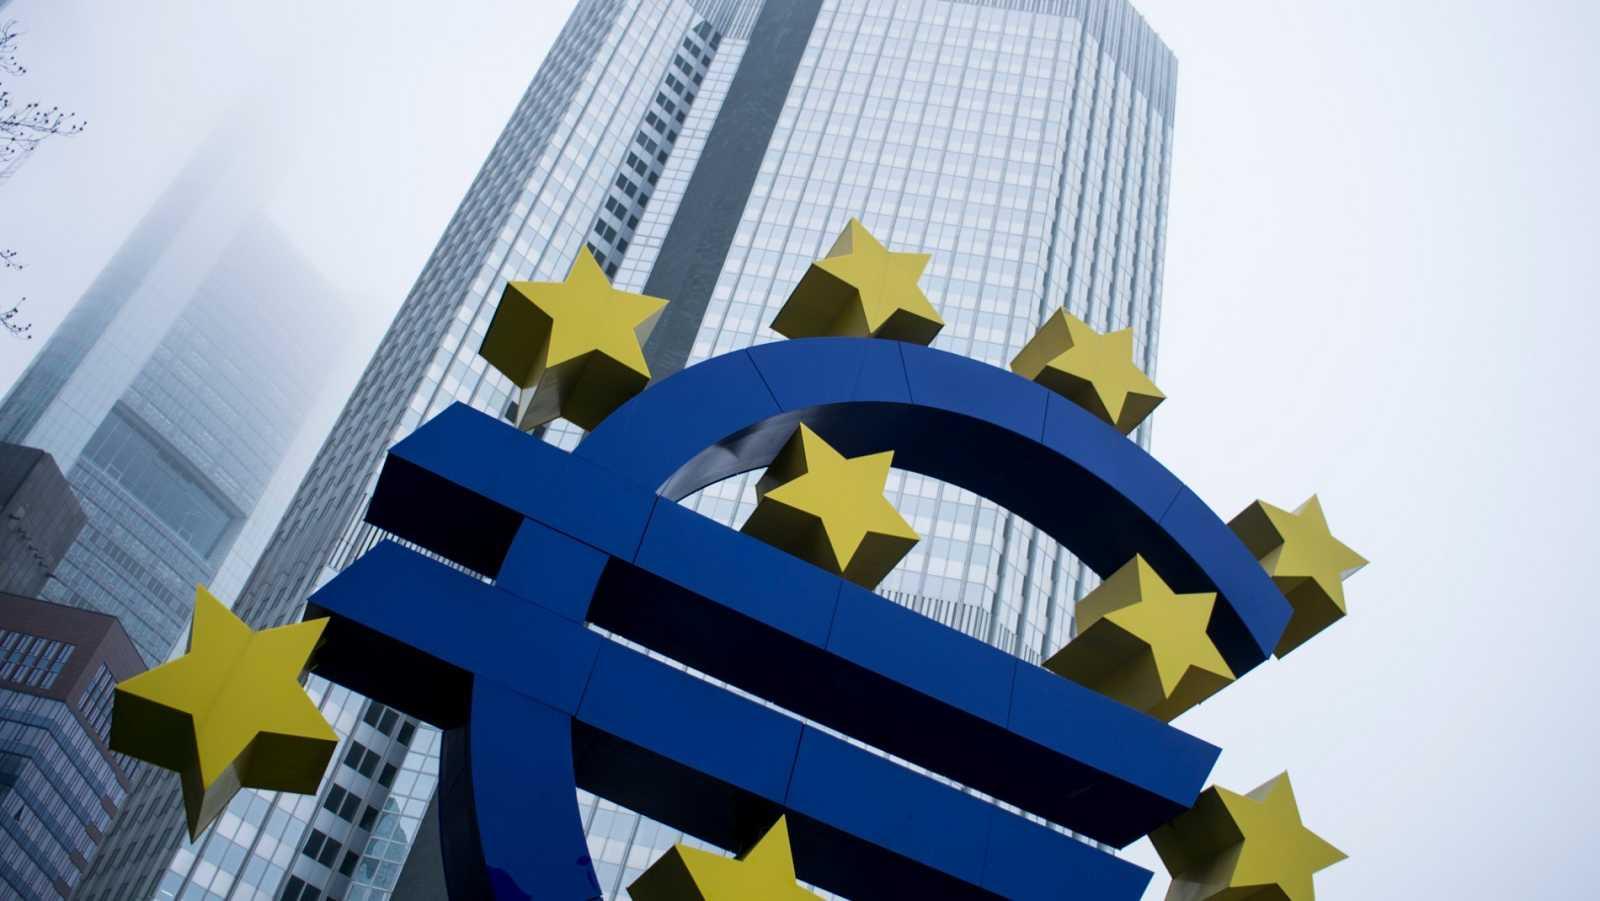 La sede del Banco Central Europeo, en Frankfurt, Alemania